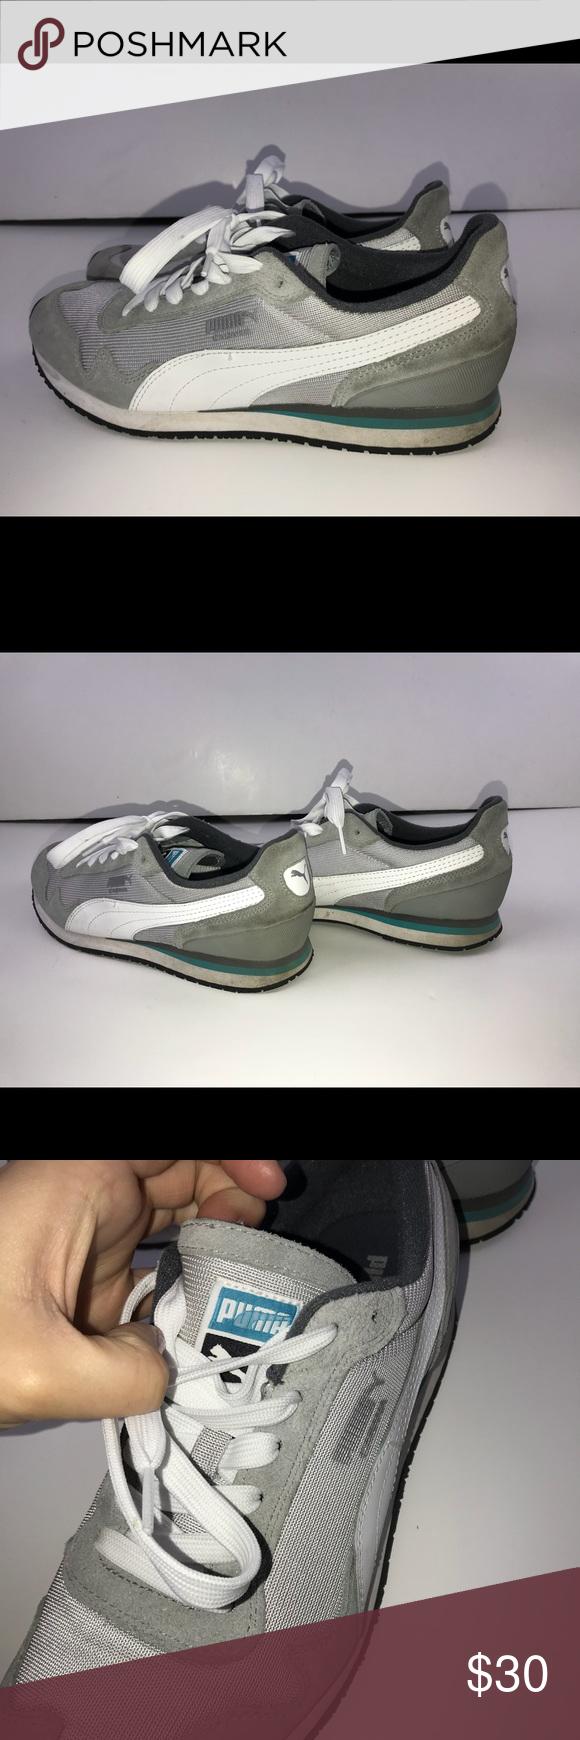 50dfe003751a4d PUMA Eco Ortholite Sz 8 tennis Shoes Comfy Gray EUC PUMA Eco Ortholite  Womens Sz 8 Sneakers tennis Shoes Comfy Gray blue NICE! smoke-free pet free  home KS4 ...